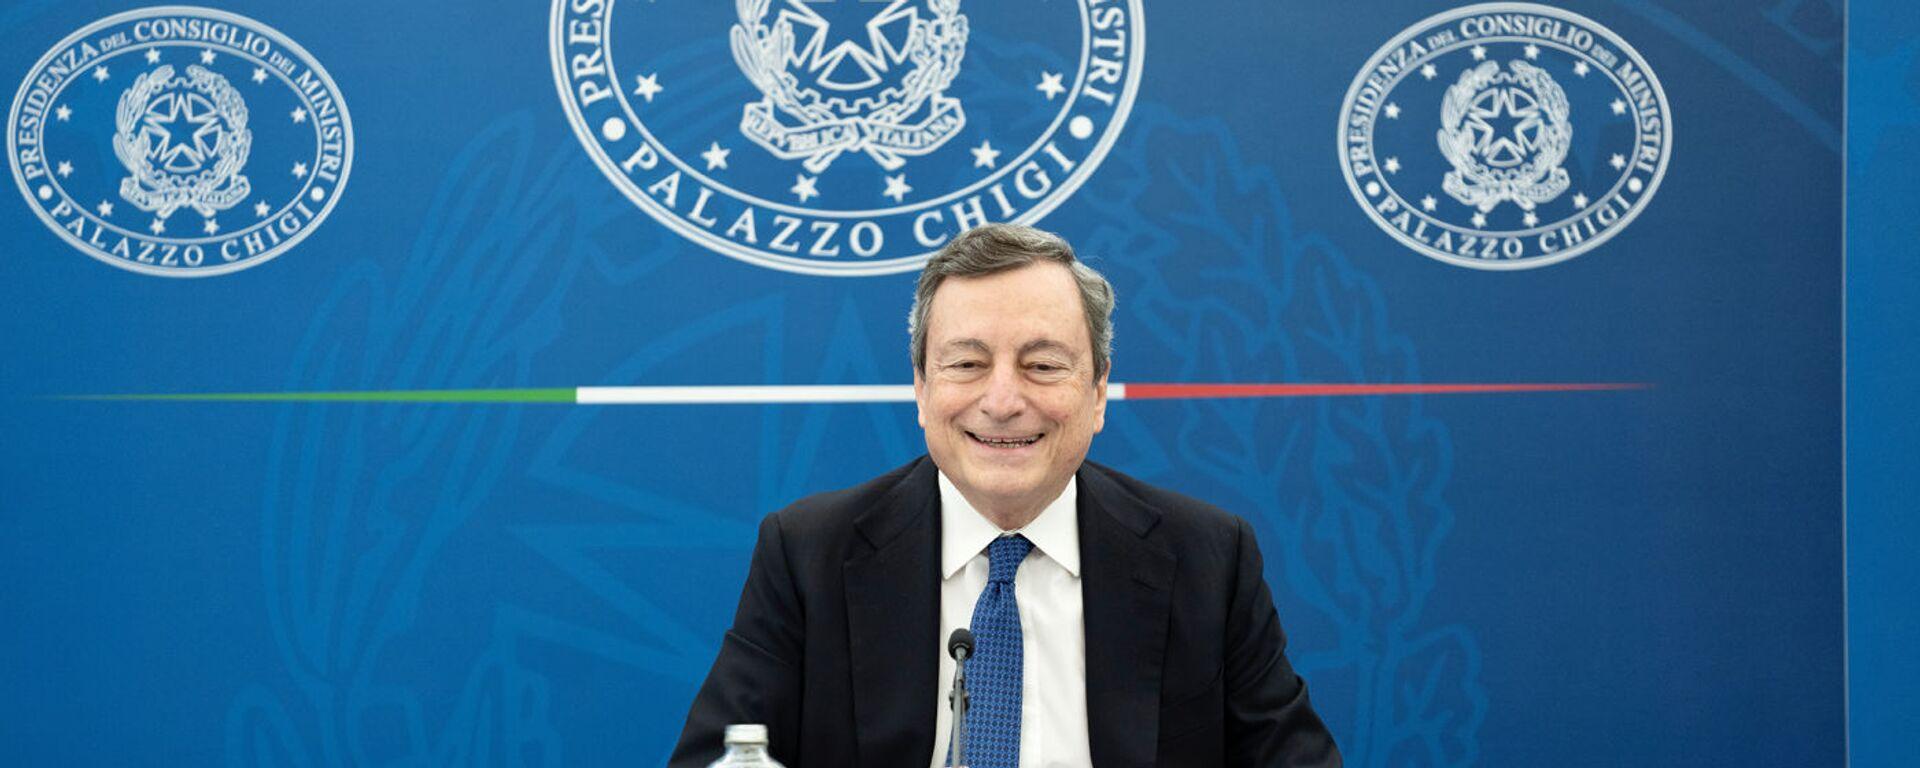 Il premier Mario Draghi - Sputnik Italia, 1920, 31.03.2021